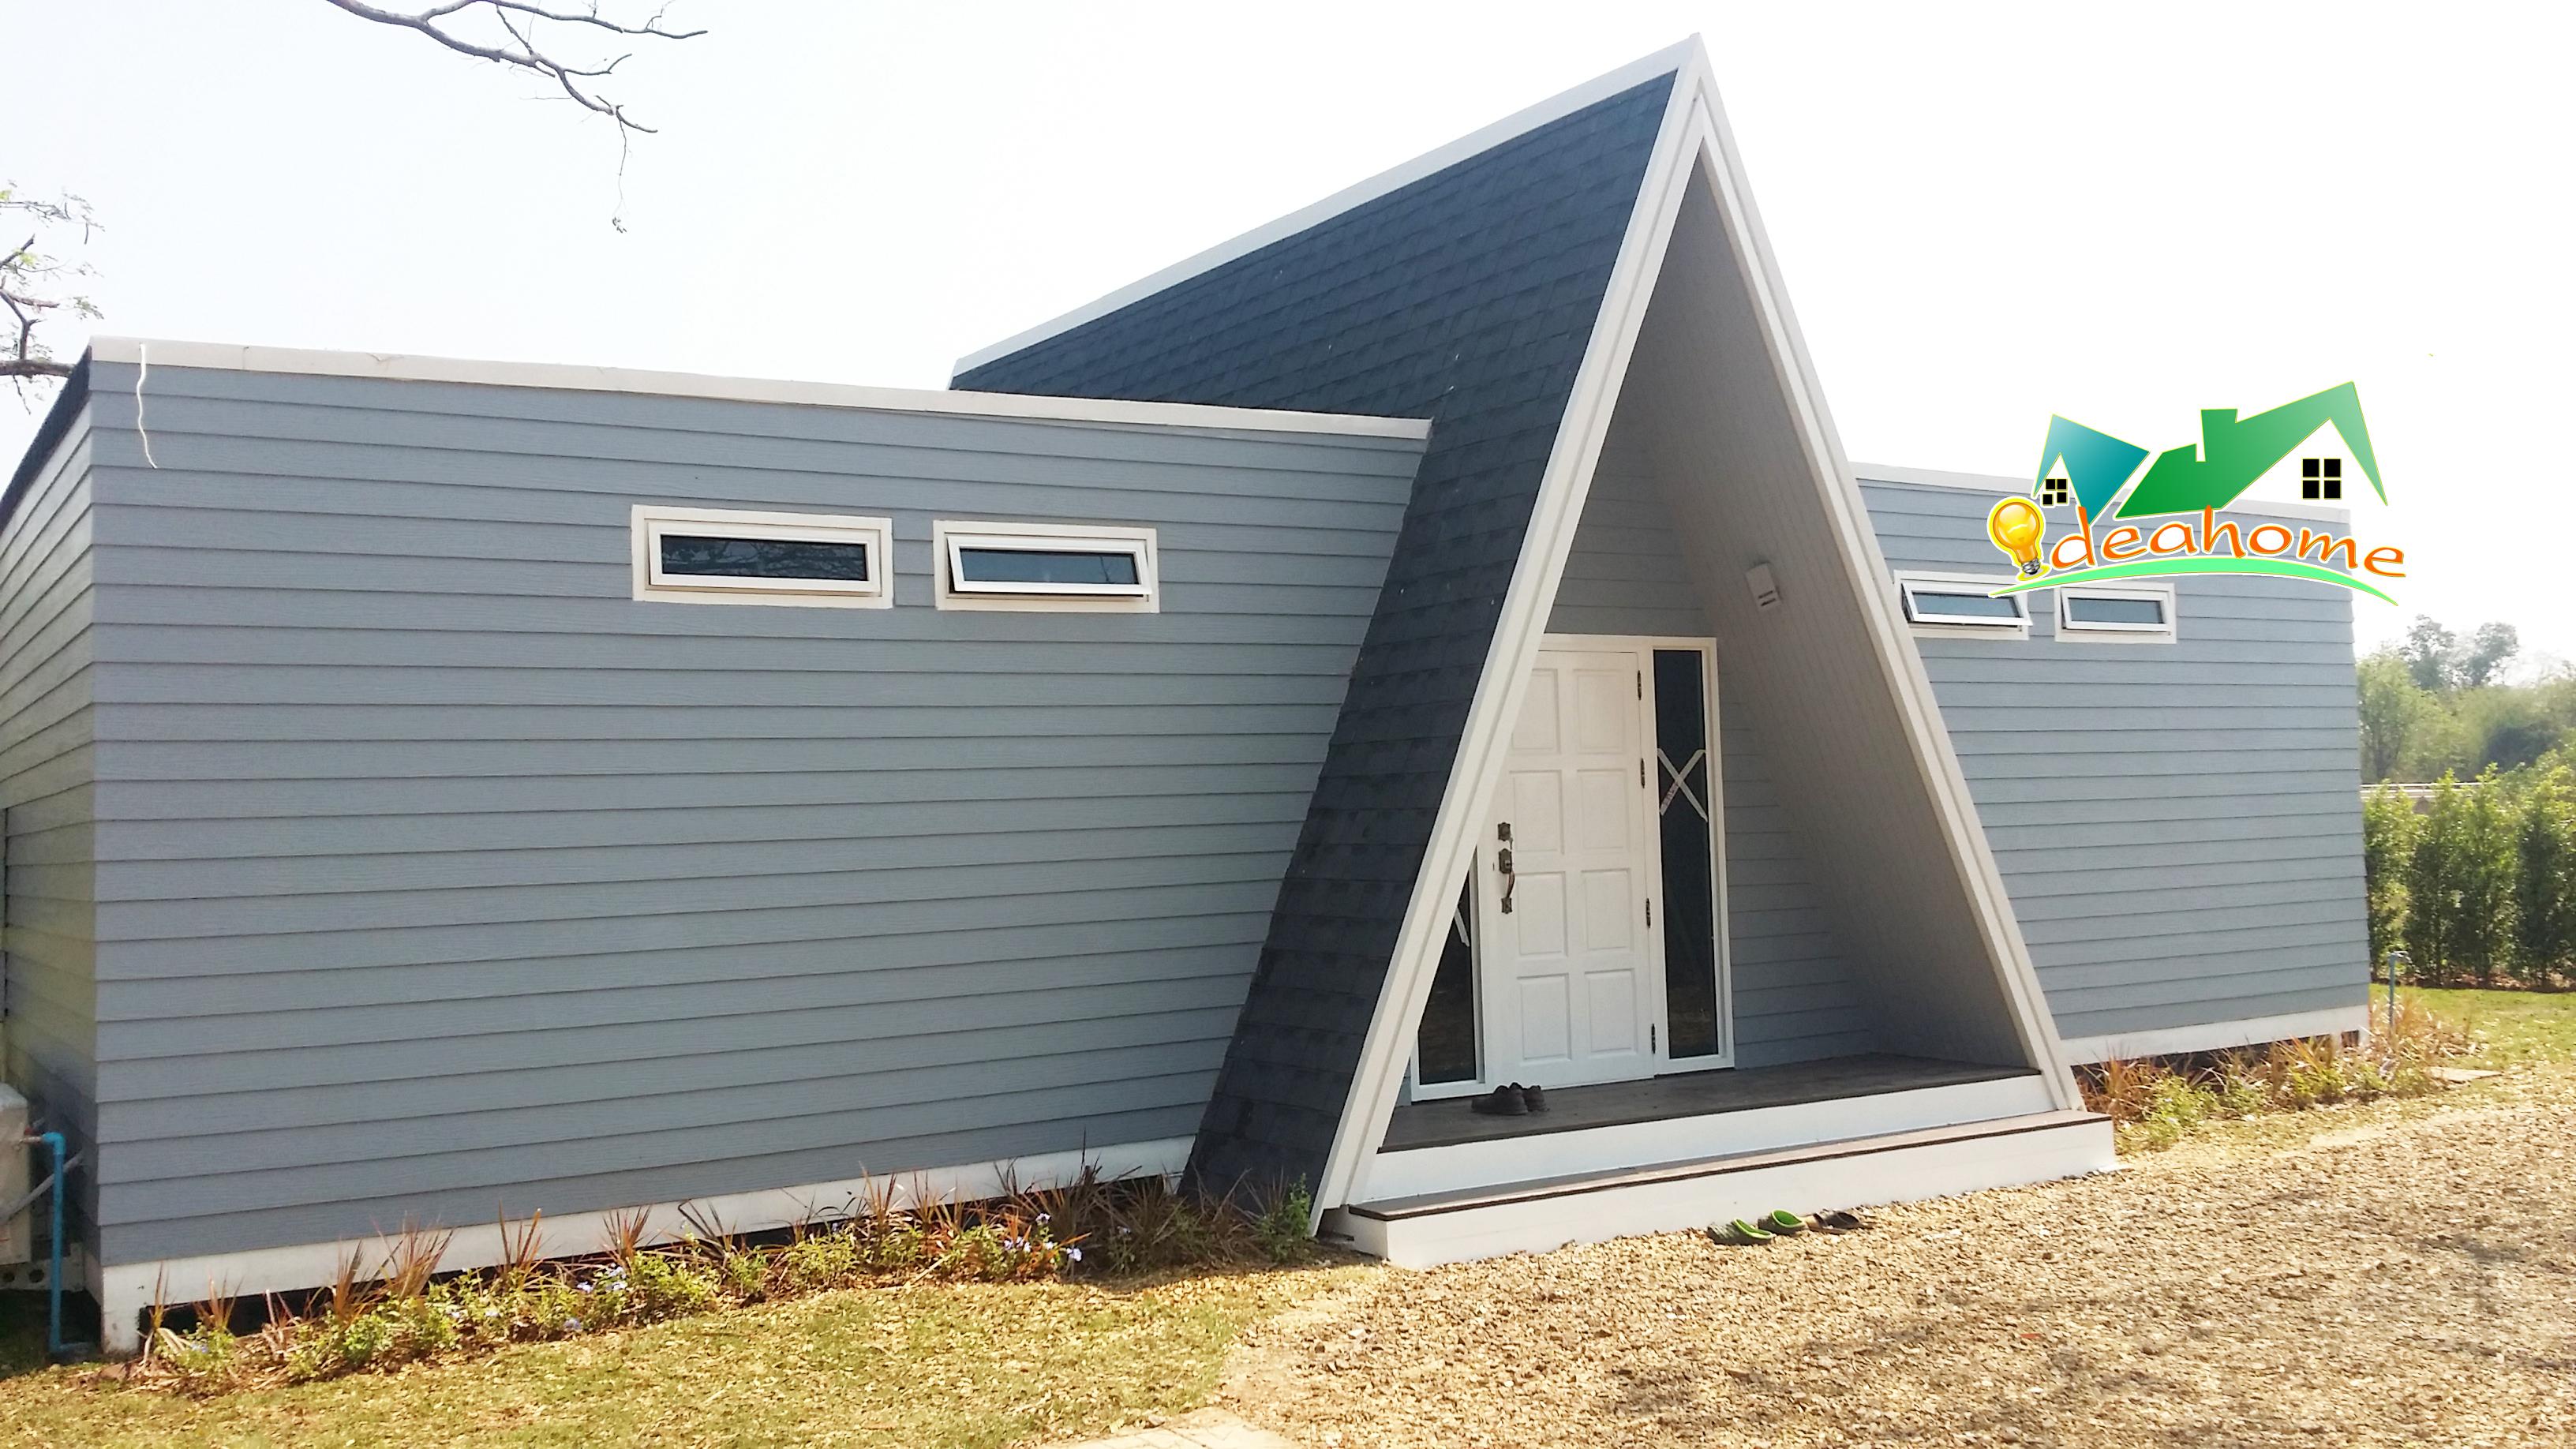 บ้านน็อคดาวน์,บ้านสำเร็จรูป - Pyramid-